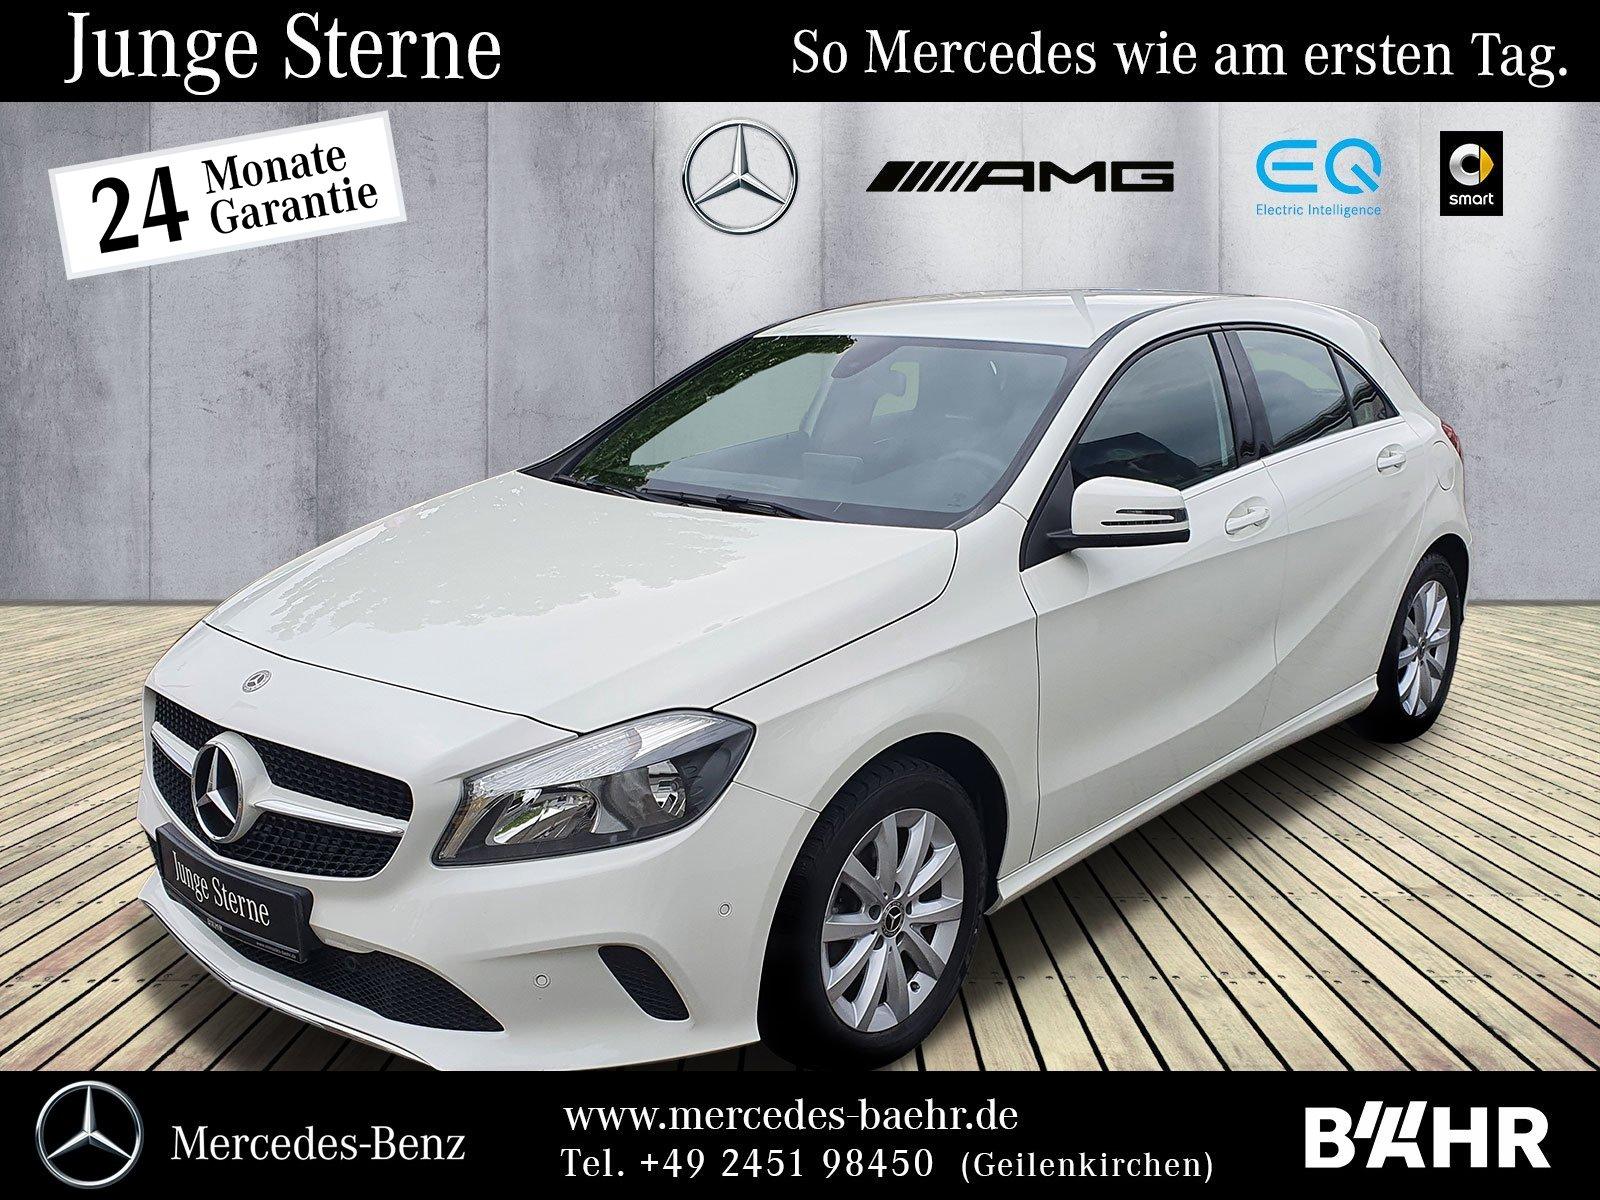 Mercedes-Benz A 160 d Style/Navi/KEYLESSGO Start-Funktion/R-CD, Jahr 2018, Diesel